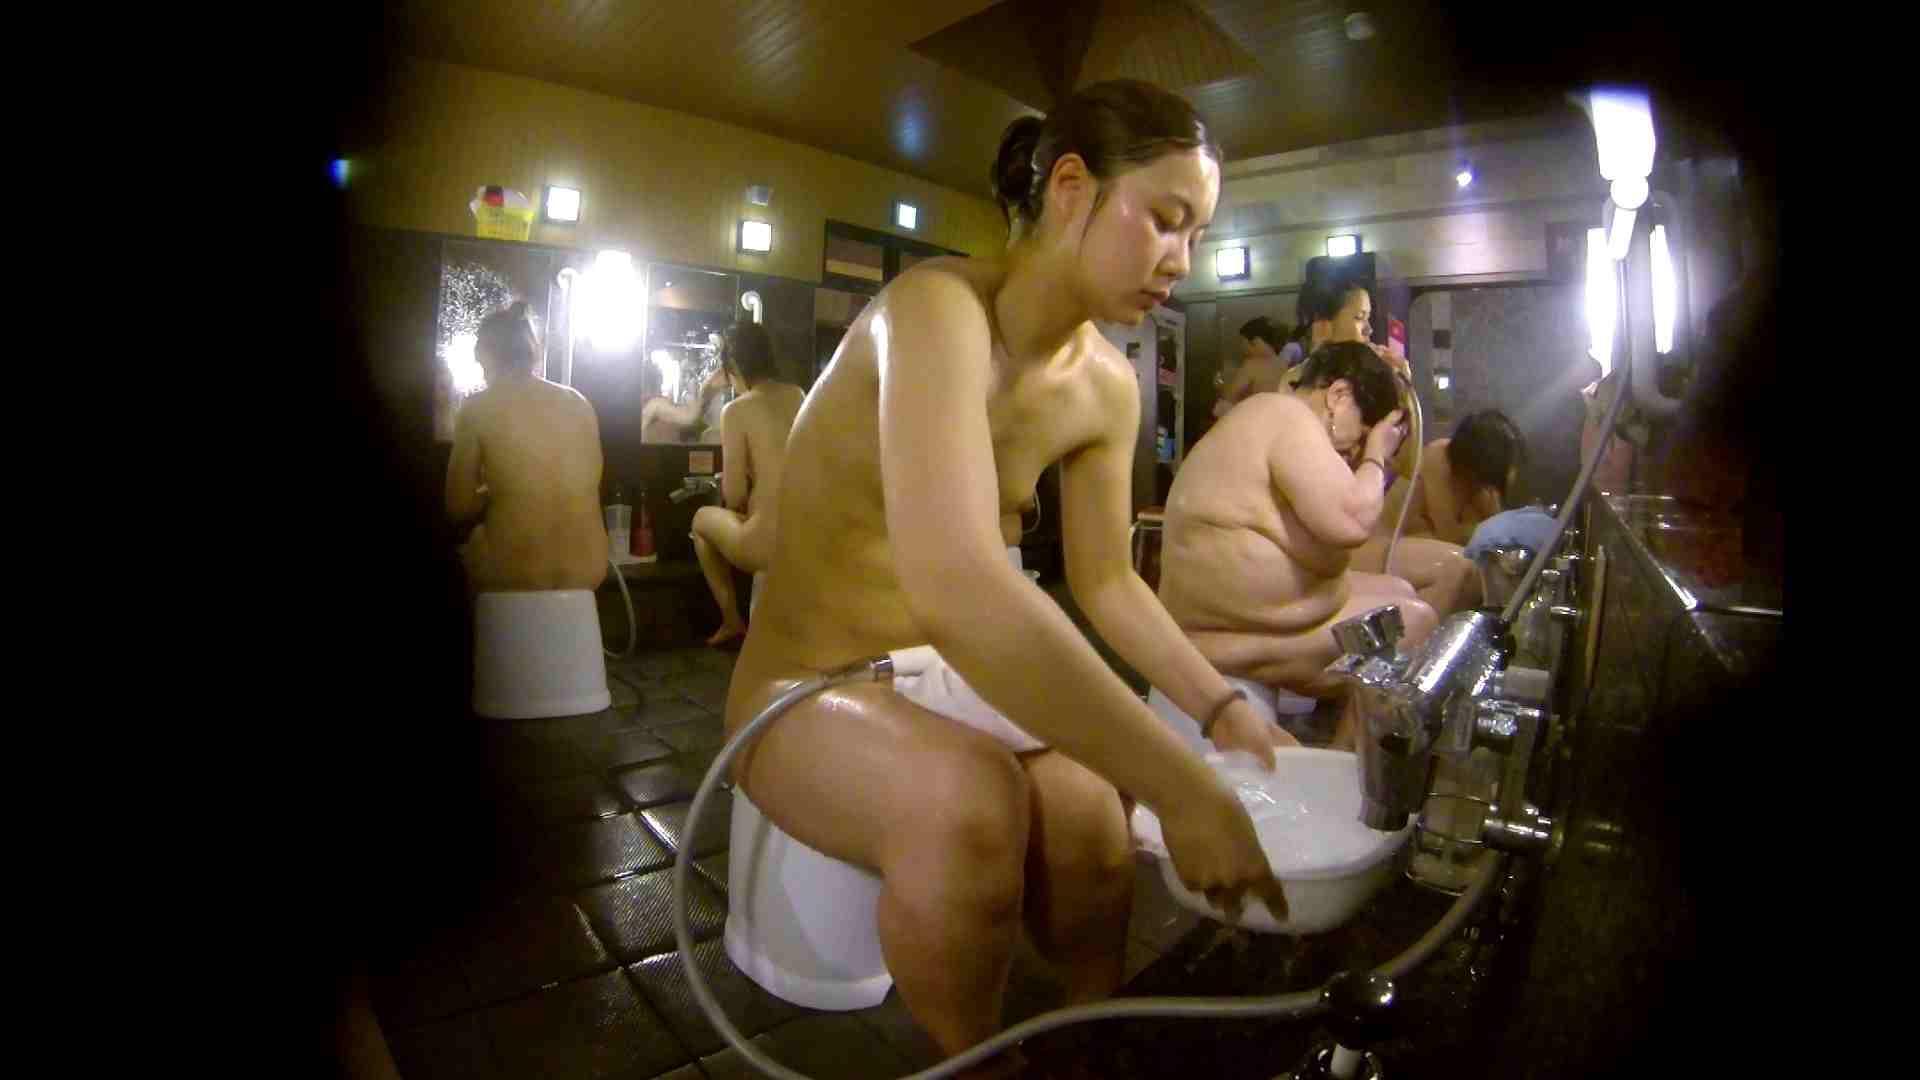 追い撮り!脱衣~洗い場、徹底追跡!撮り師さんに拍手!! むっちり  95画像 54